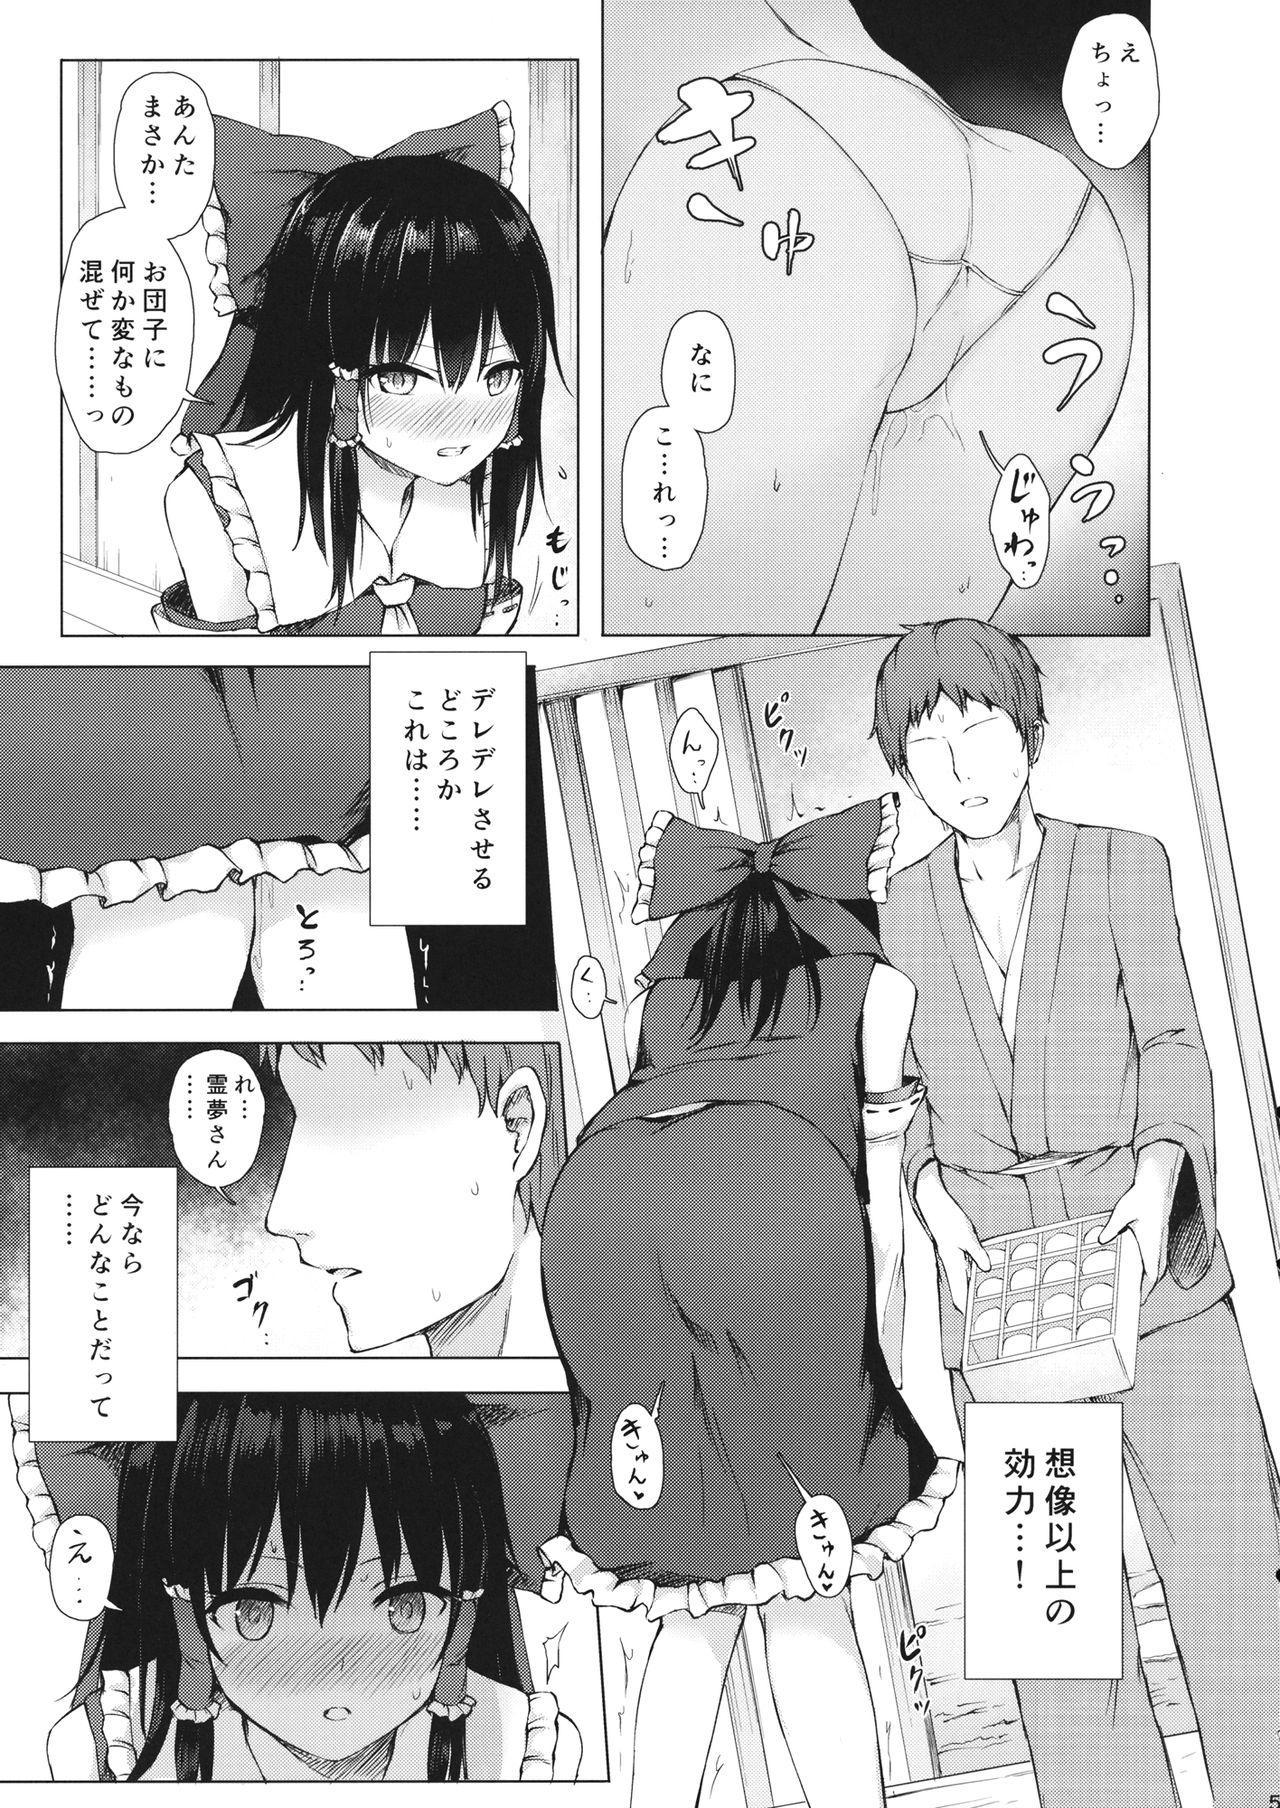 Hakurei no Miko no Otoshikata 3